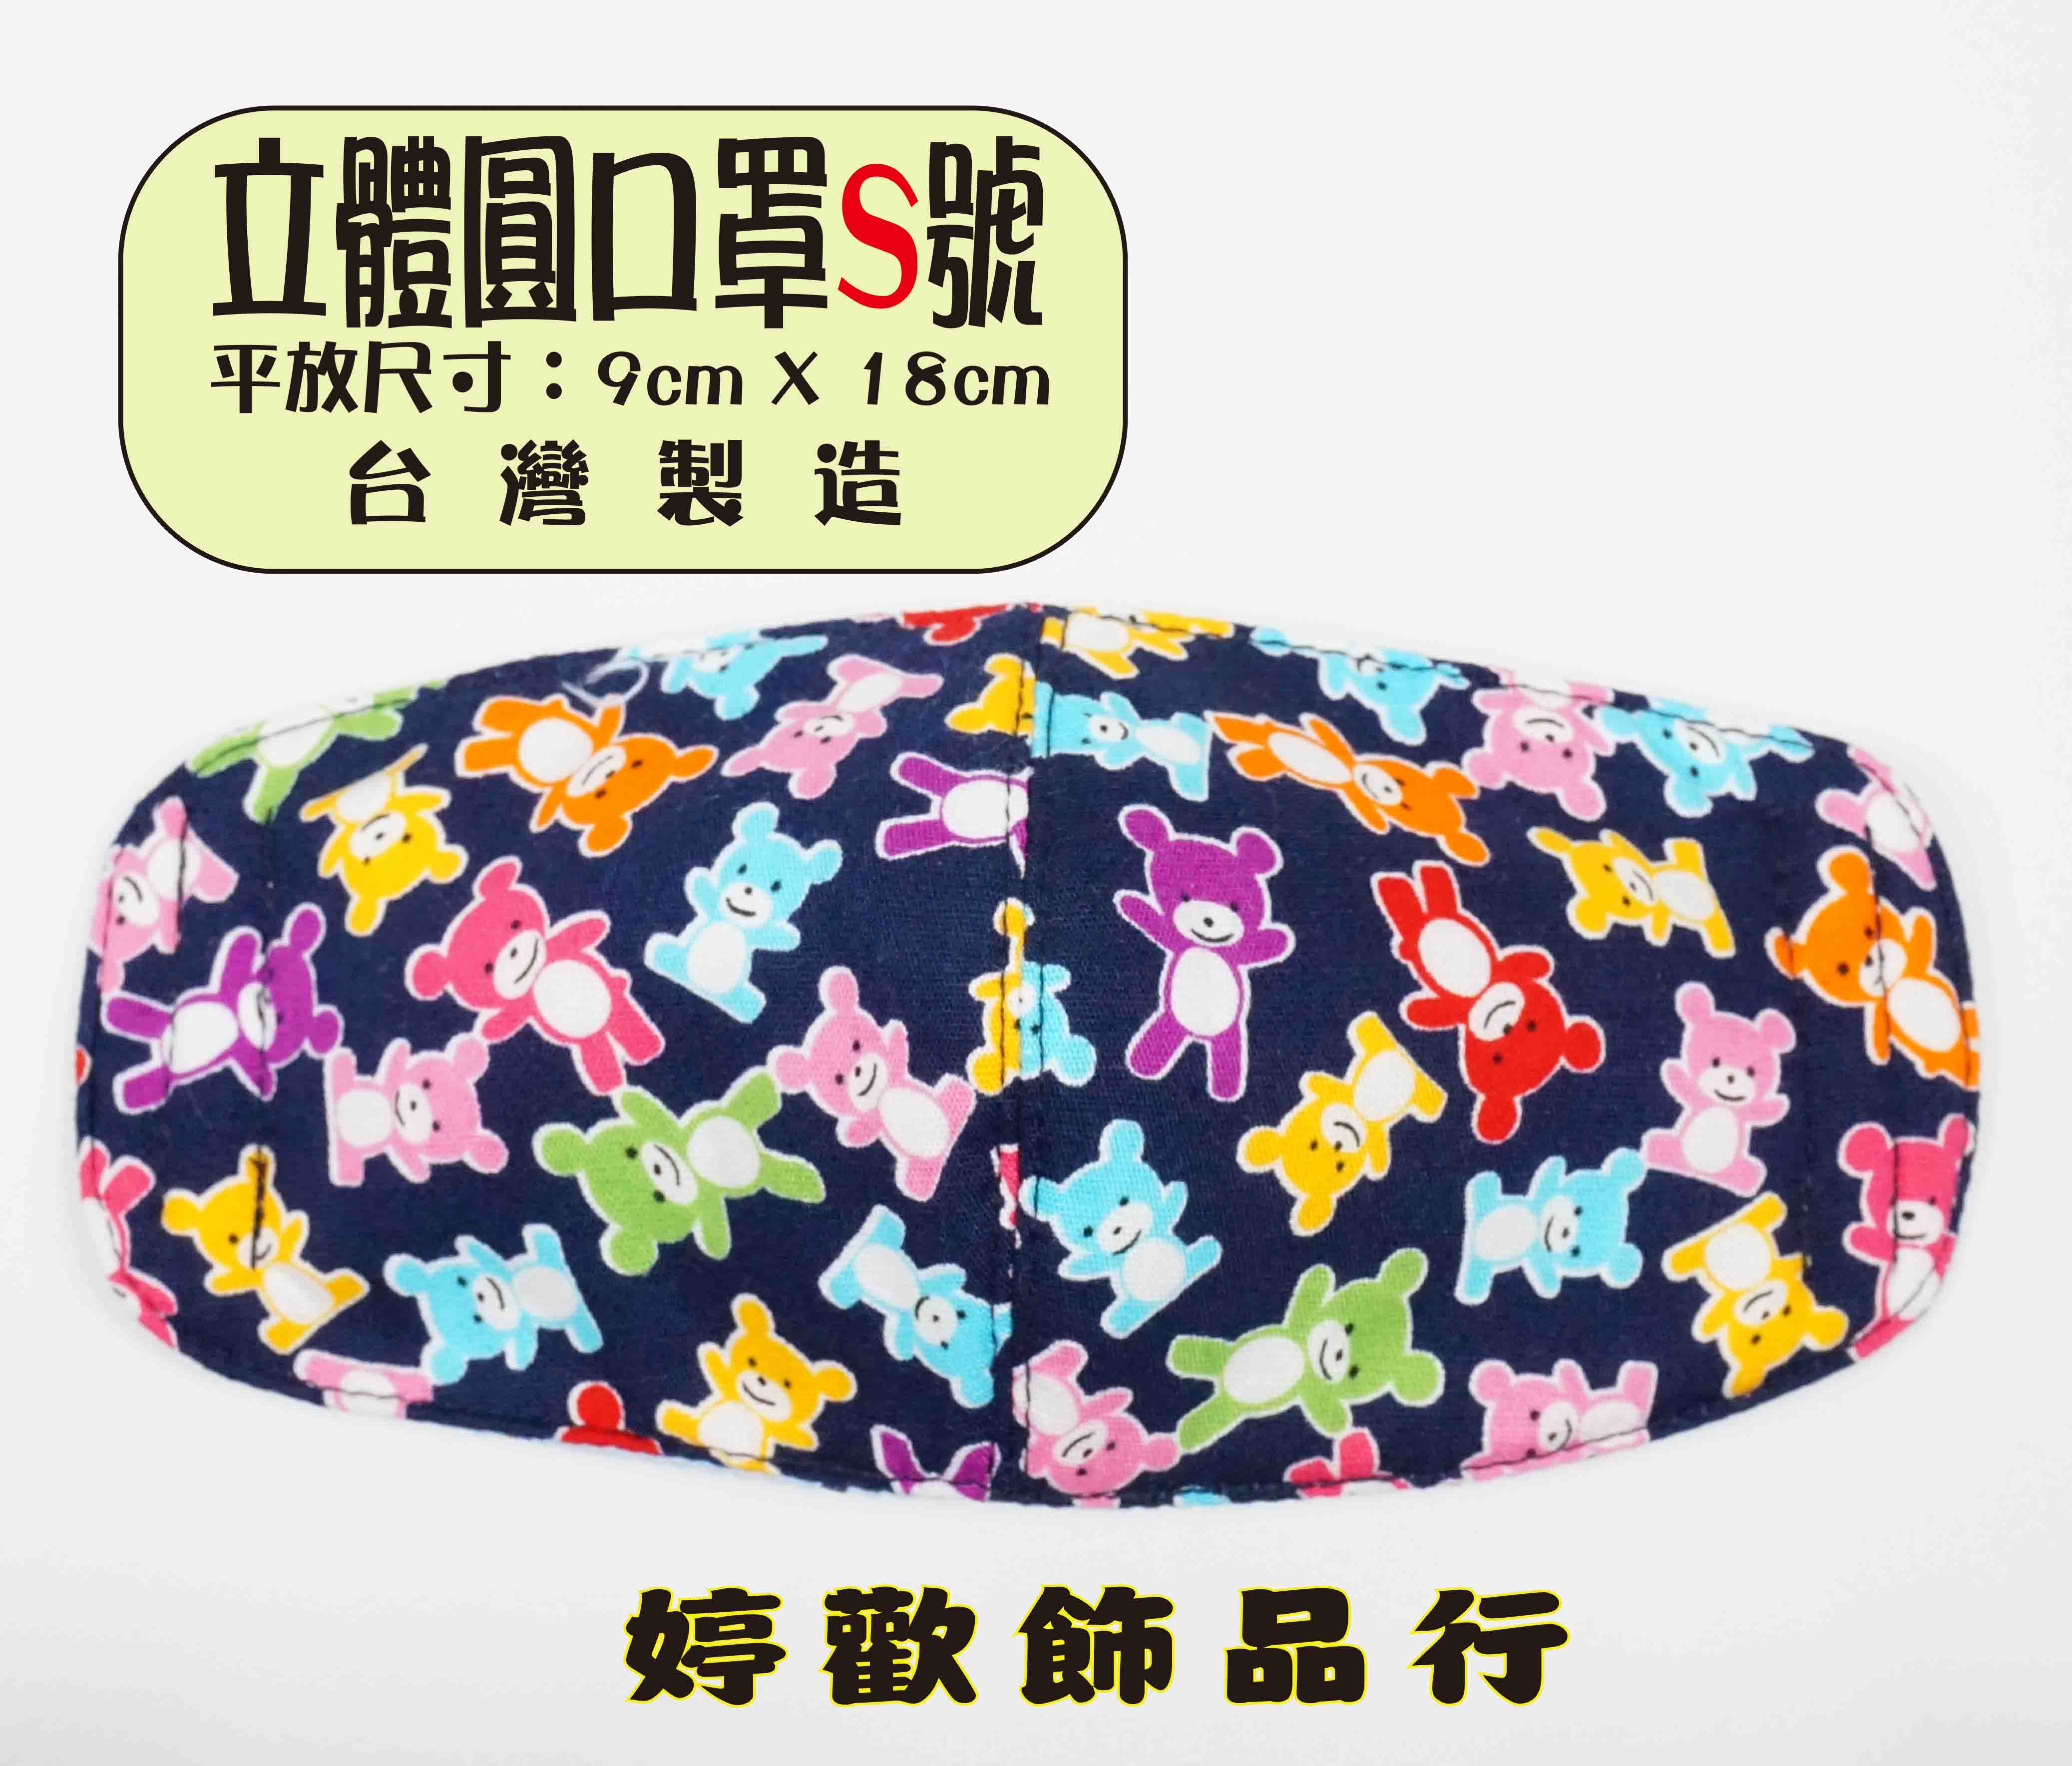 幼童專用/純棉花布立體圓口罩/兒童口罩/彩色小熊軟糖